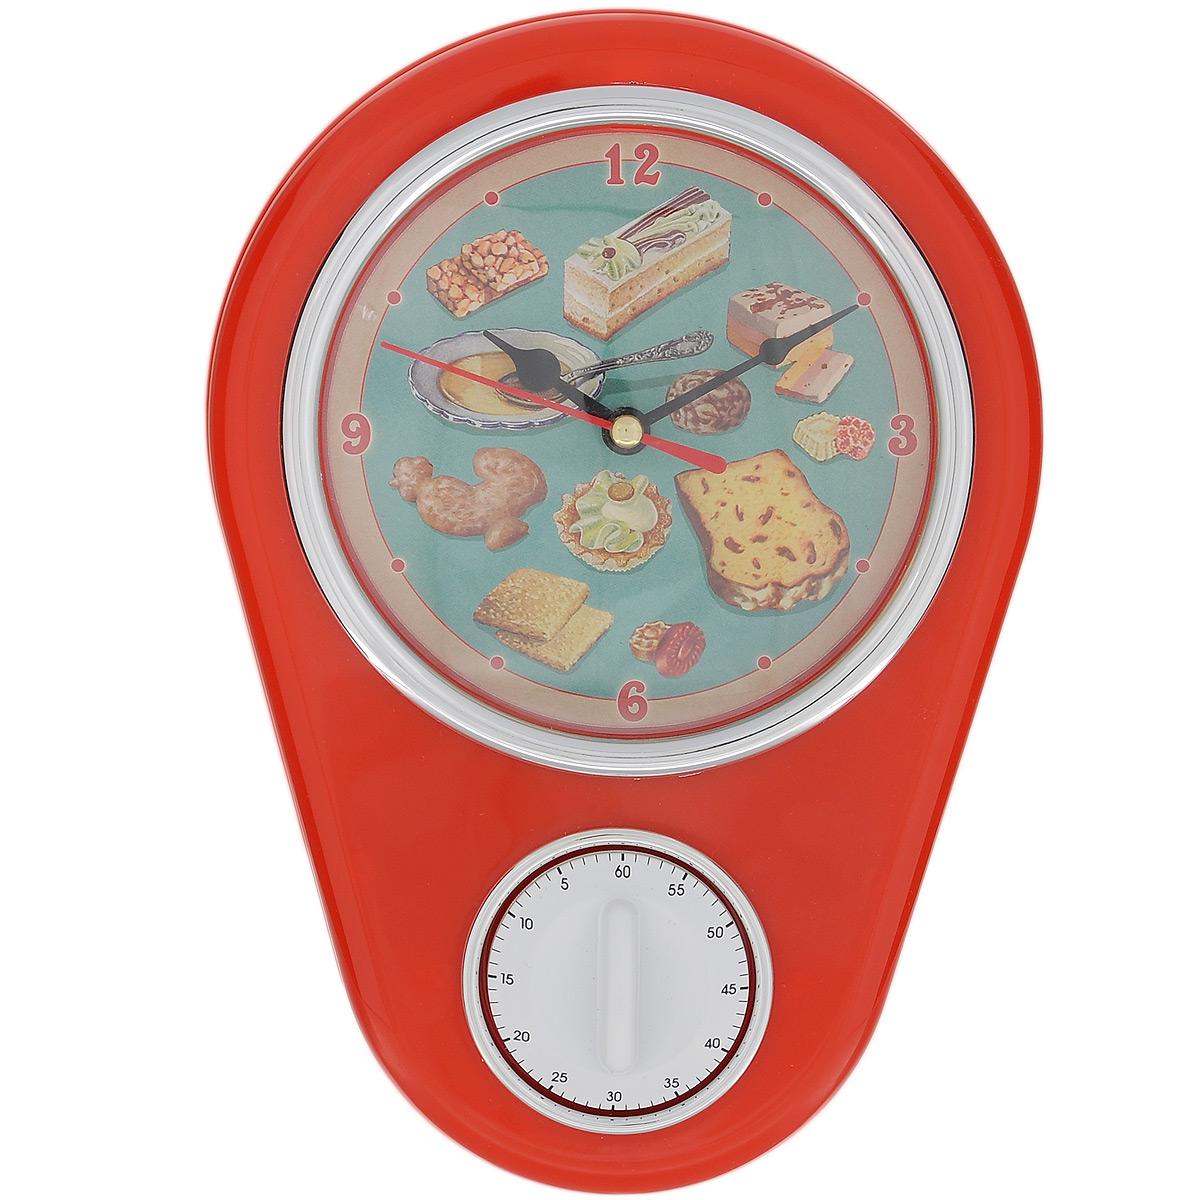 Часы кухонные Ретро-вкусности с таймером, настенные, цвет: красный904727Кухонные настенные часы Ретро-вкусности в ретро стиле прекрасно дополнят интерьер кухни. Корпус выполнен из высококачественного пластика. Все механизмы скрыты в корпусе. Циферблат круглой формы, оформленный крупными арабскими цифрами и изображением сладостей, защищен стеклом. Имеется встроенный таймер на 60 минут, его удобно использовать во время приготовления блюд. Часы подвешиваются на стену. Часы работают от одной пальчиковой батарейки тип АА (не входит в комплект).Диаметр циферблата: 11,3 см. Размер часов: 16 см х 5 см х 22,5 см.